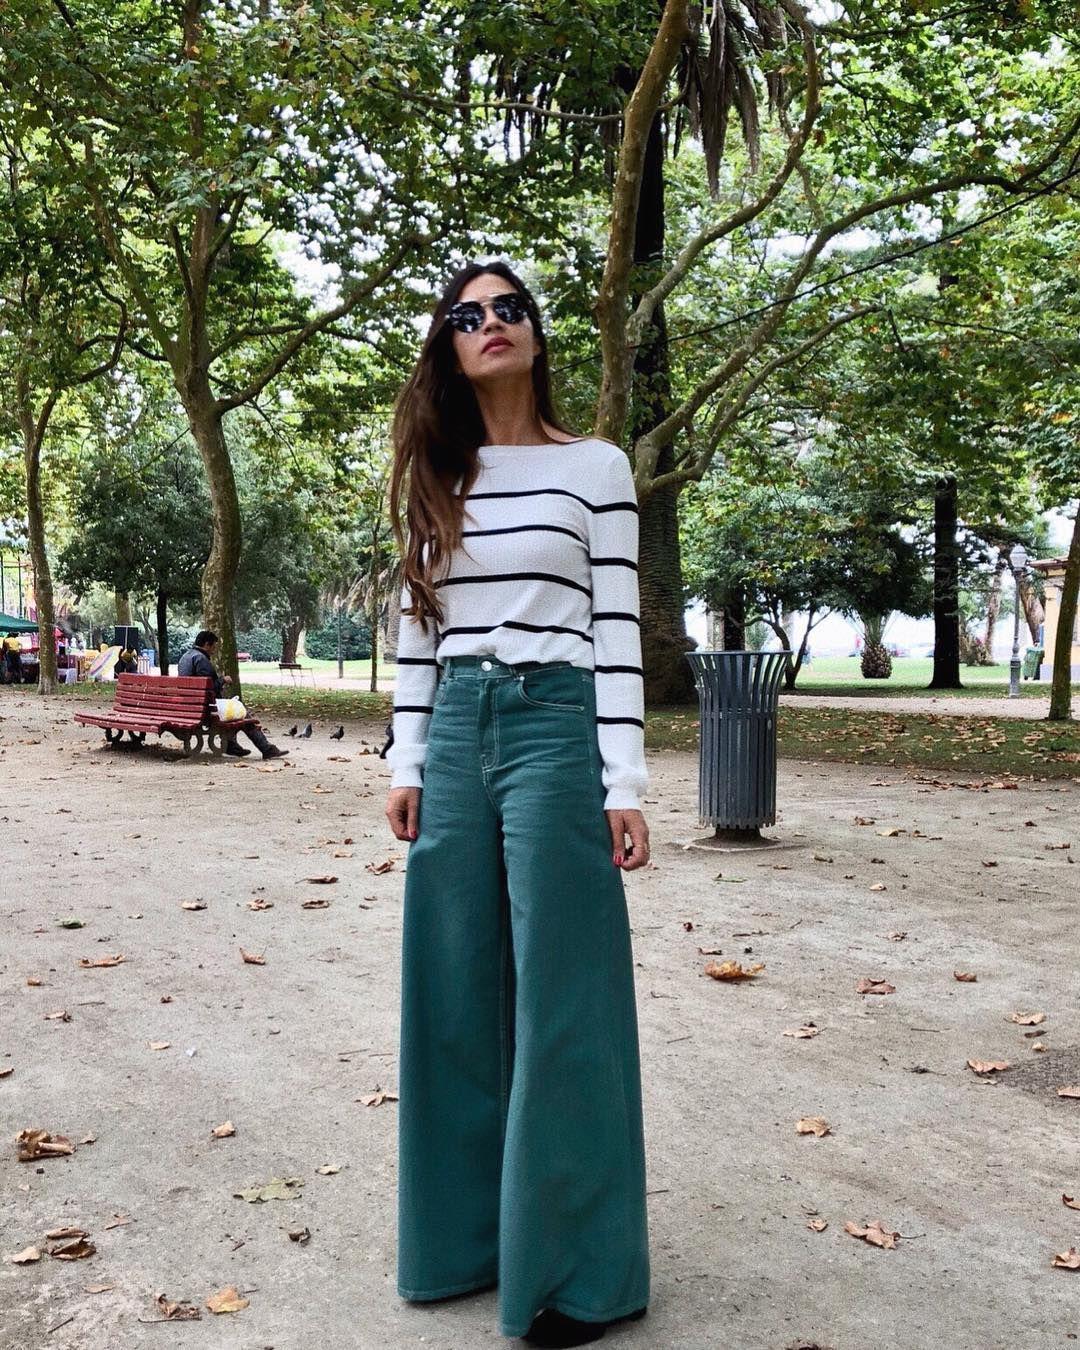 Pantalones Los Favorecedores La Más De Carbonero Zara Sara Luce yN0O8nvwm